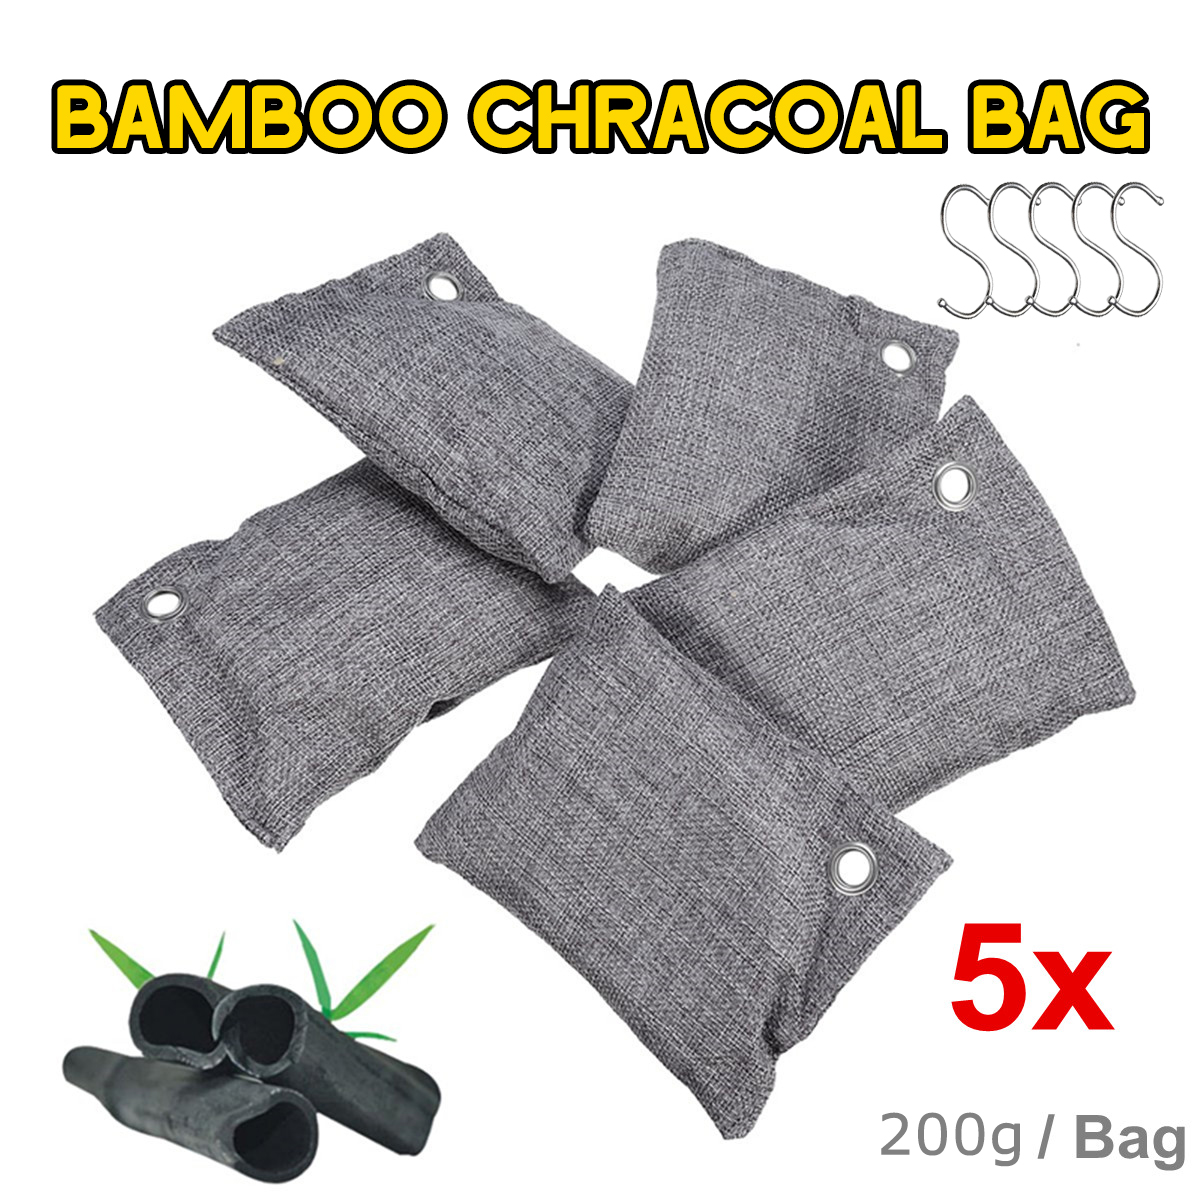 5 пакетов/набор, сумка для очистки воздуха, для автомобиля, дома, бамбуковый уголь, осушитель, для удаления запаха, сумка для очистки воздуха, ...